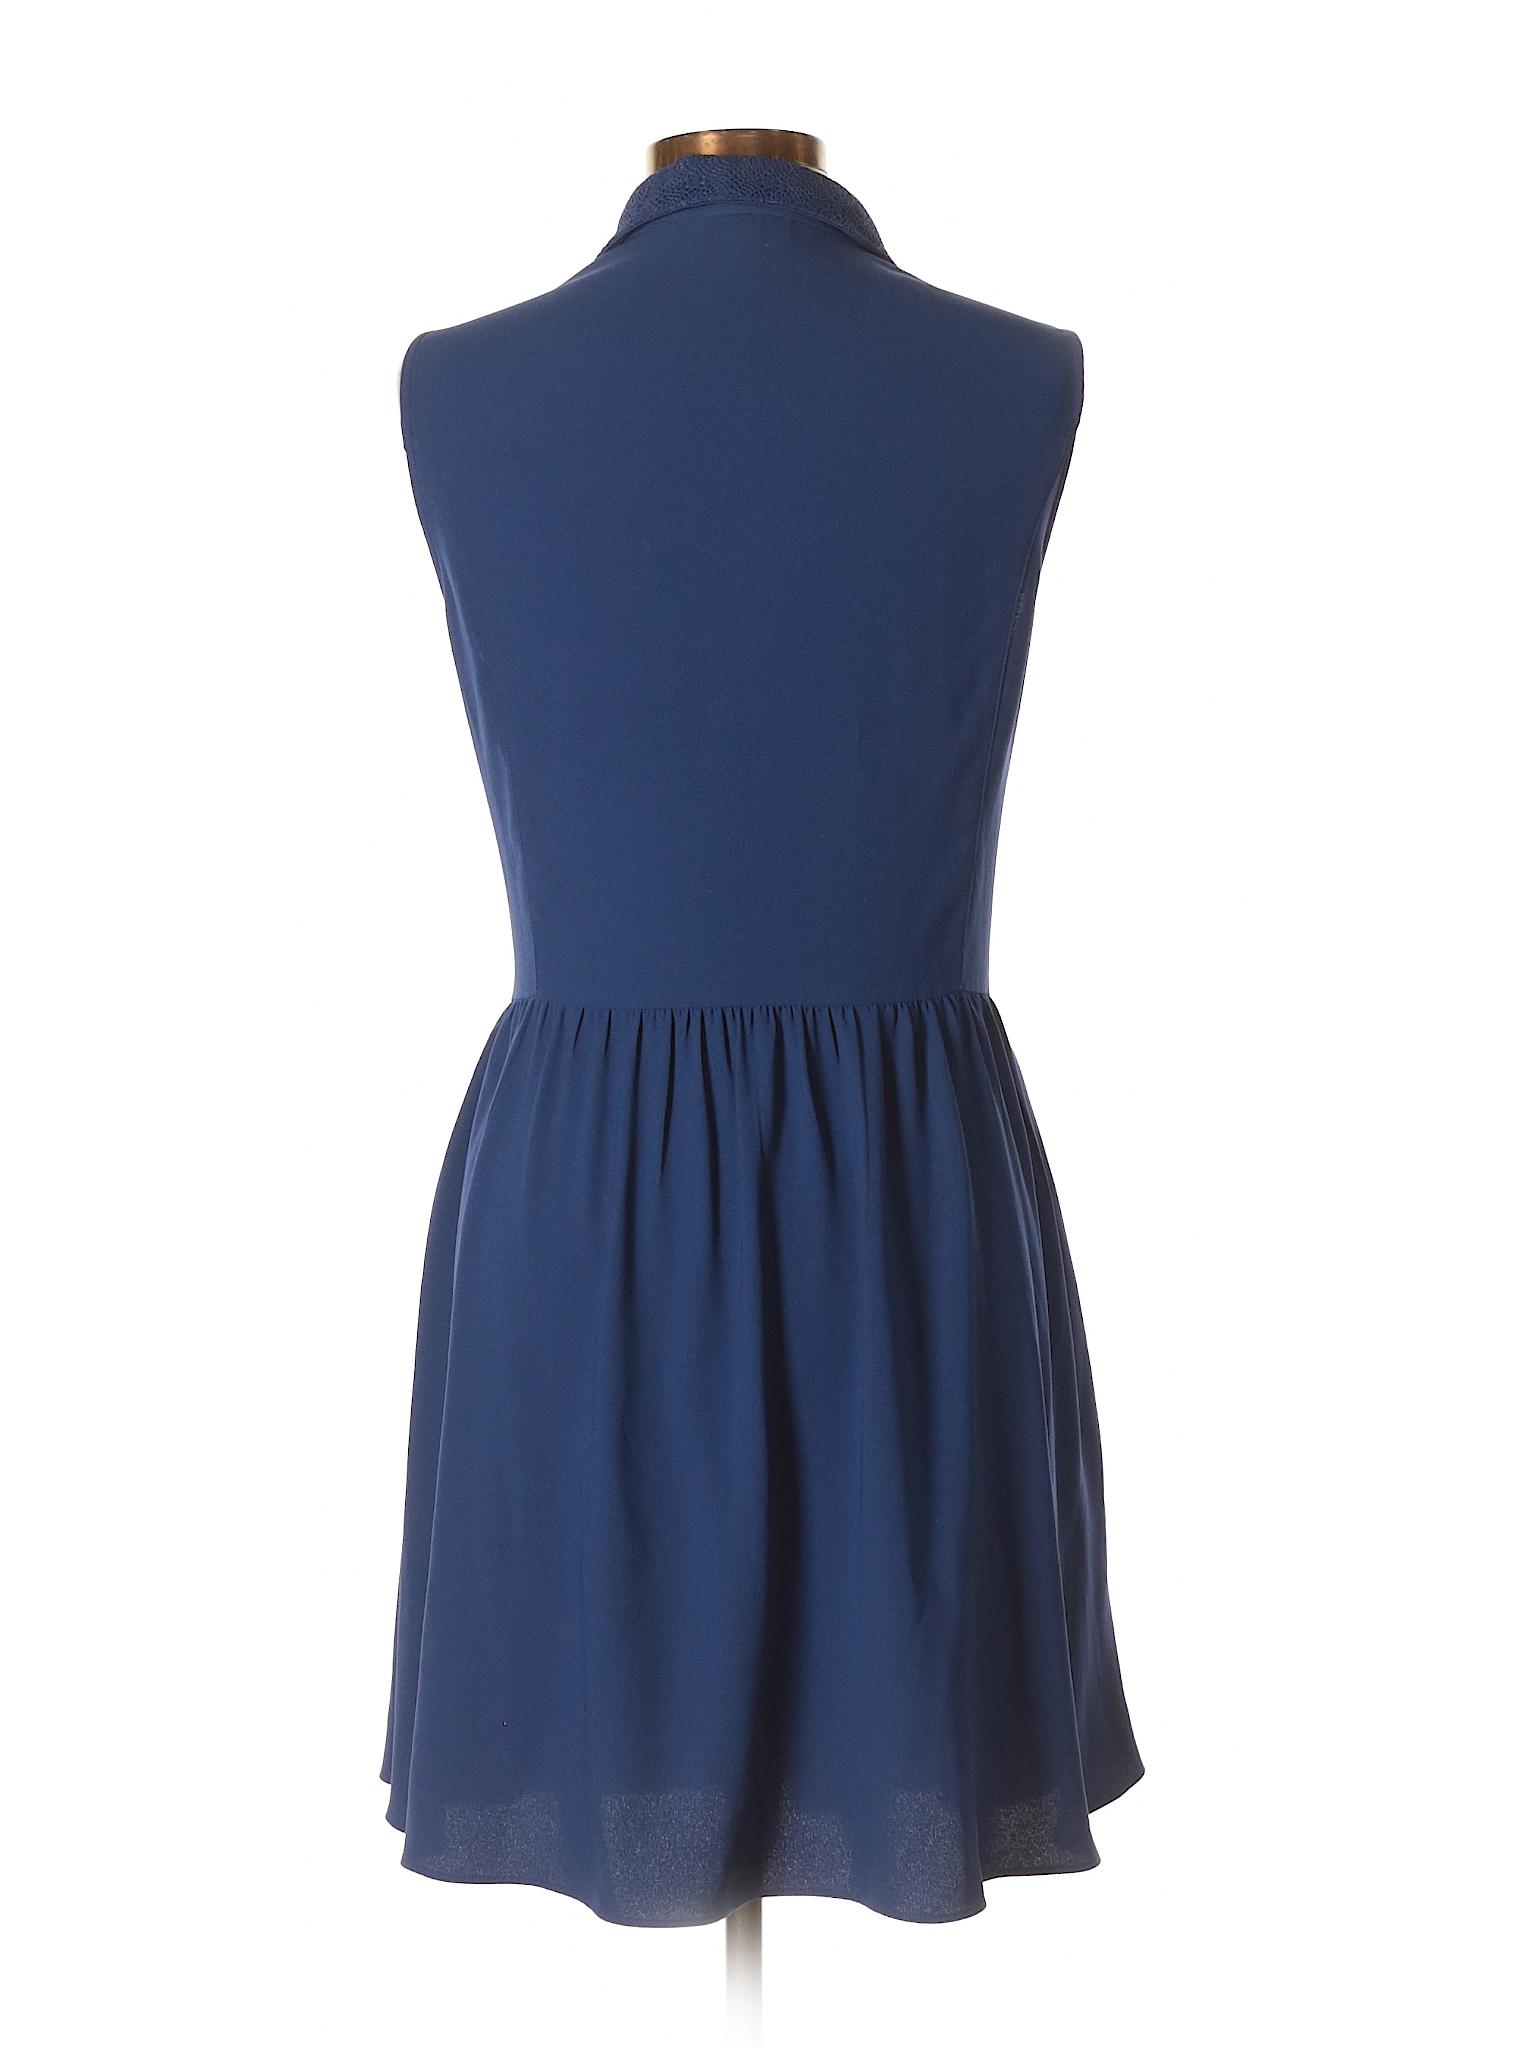 Casual Boutique Maison winter Jules Dress wq6BxpX0